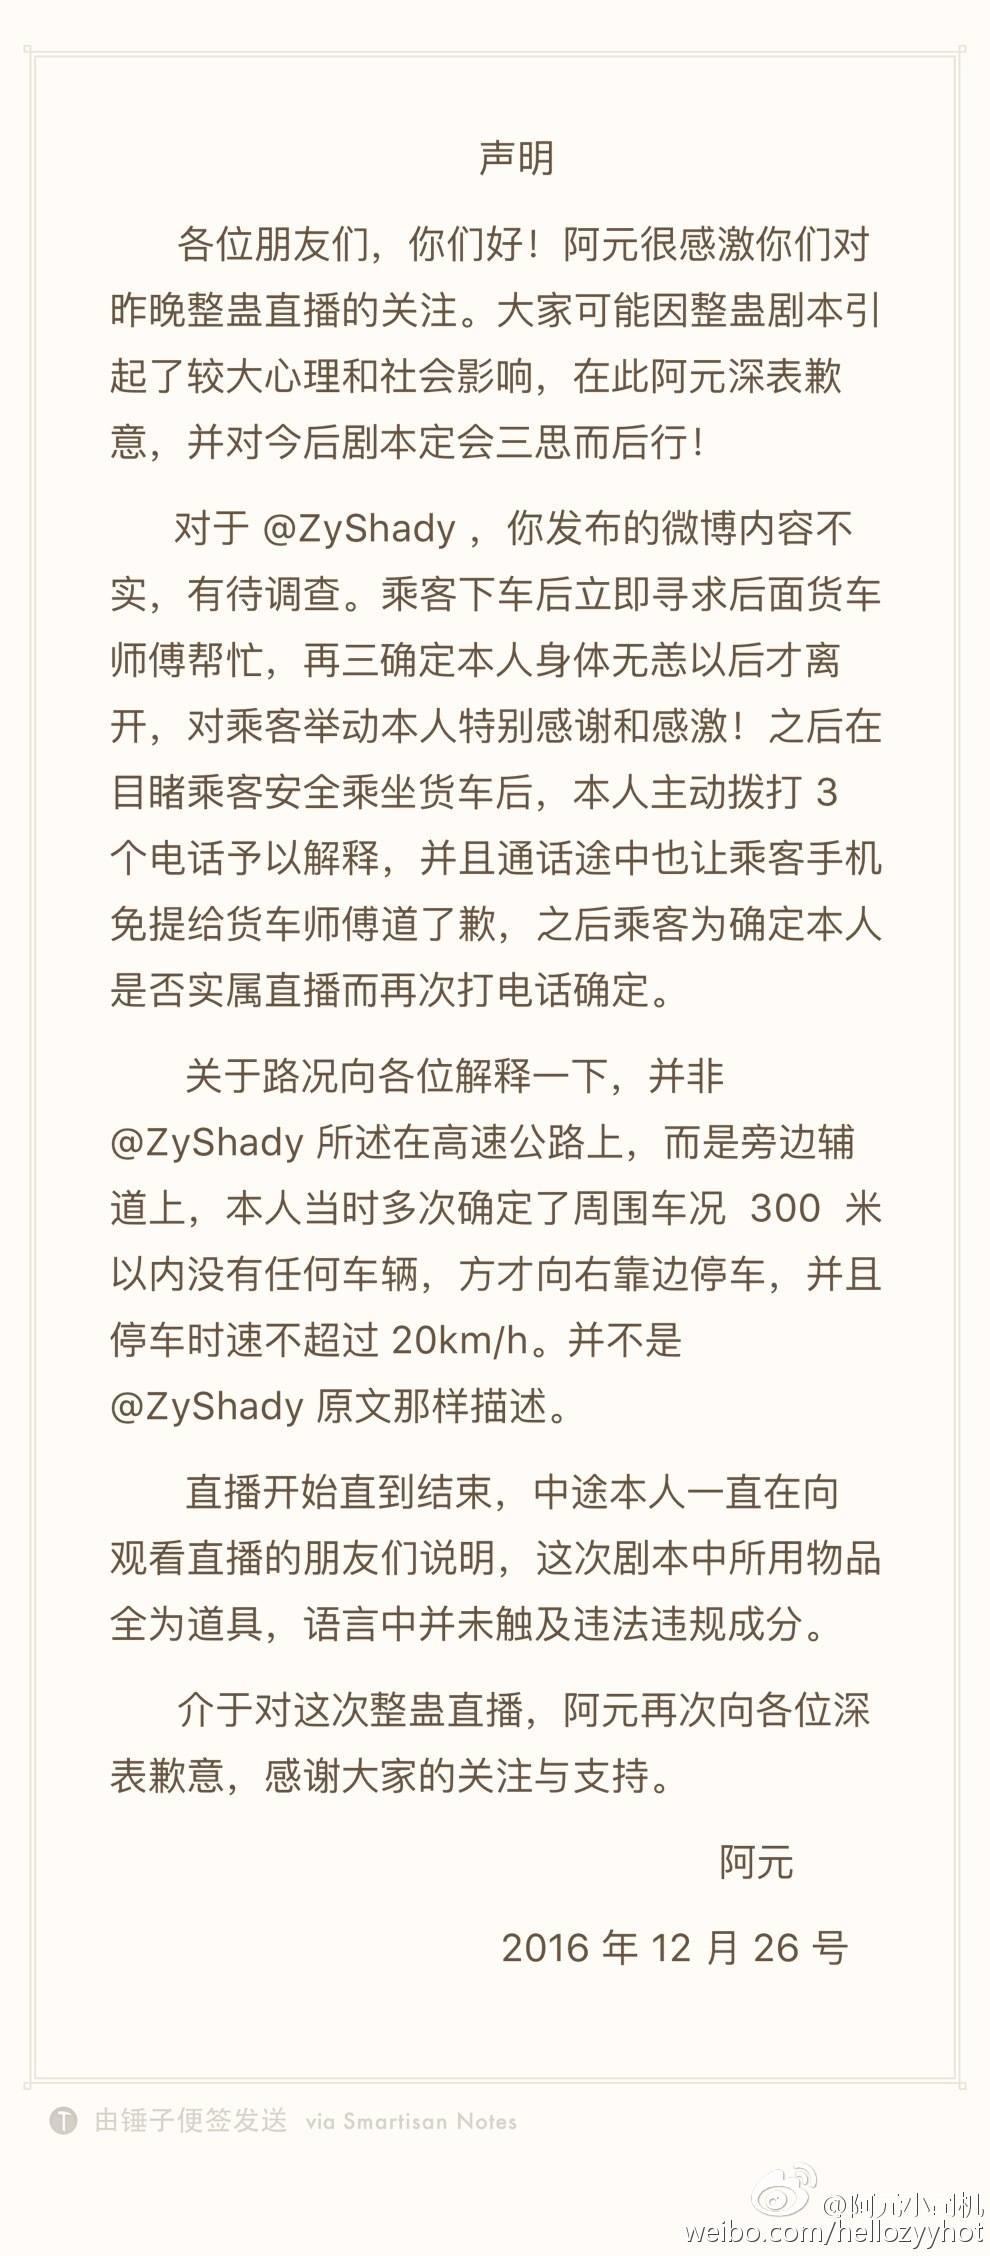 网名为@阿元小司机在其微博上发表的声明网名为@阿元小司机在其微博上发表的声明